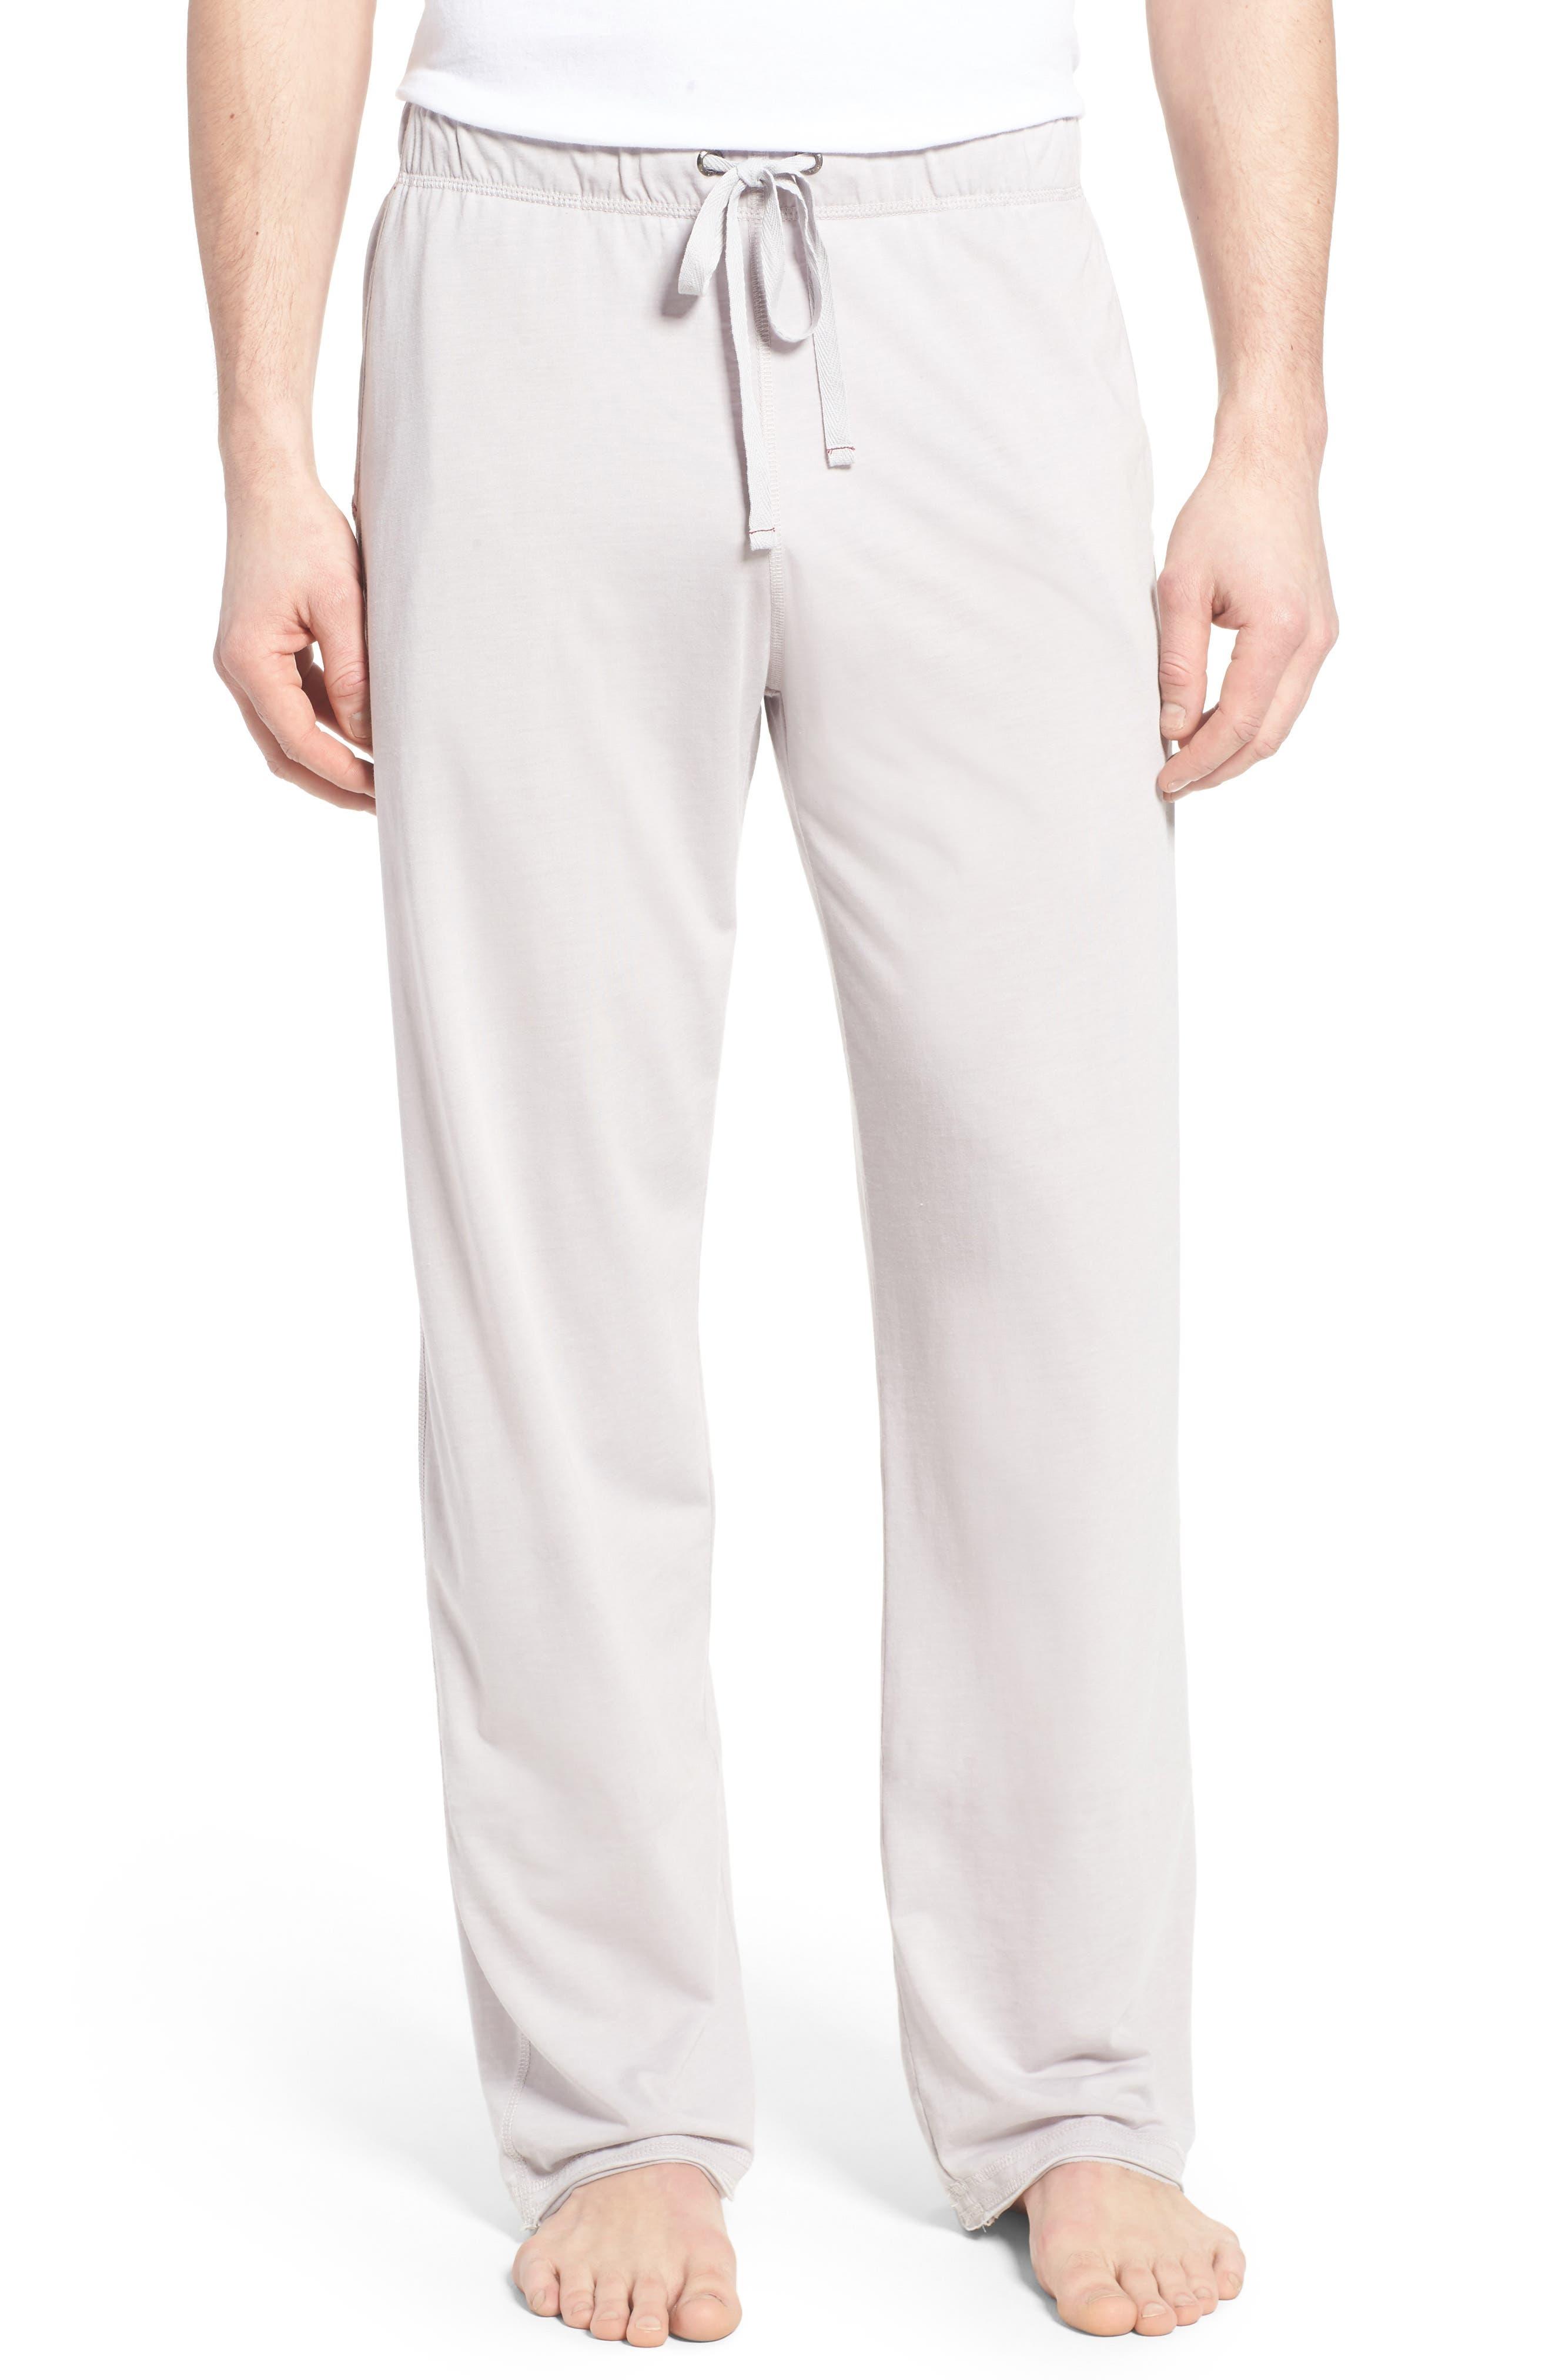 Burnout Lounge Pants,                         Main,                         color, Light Grey